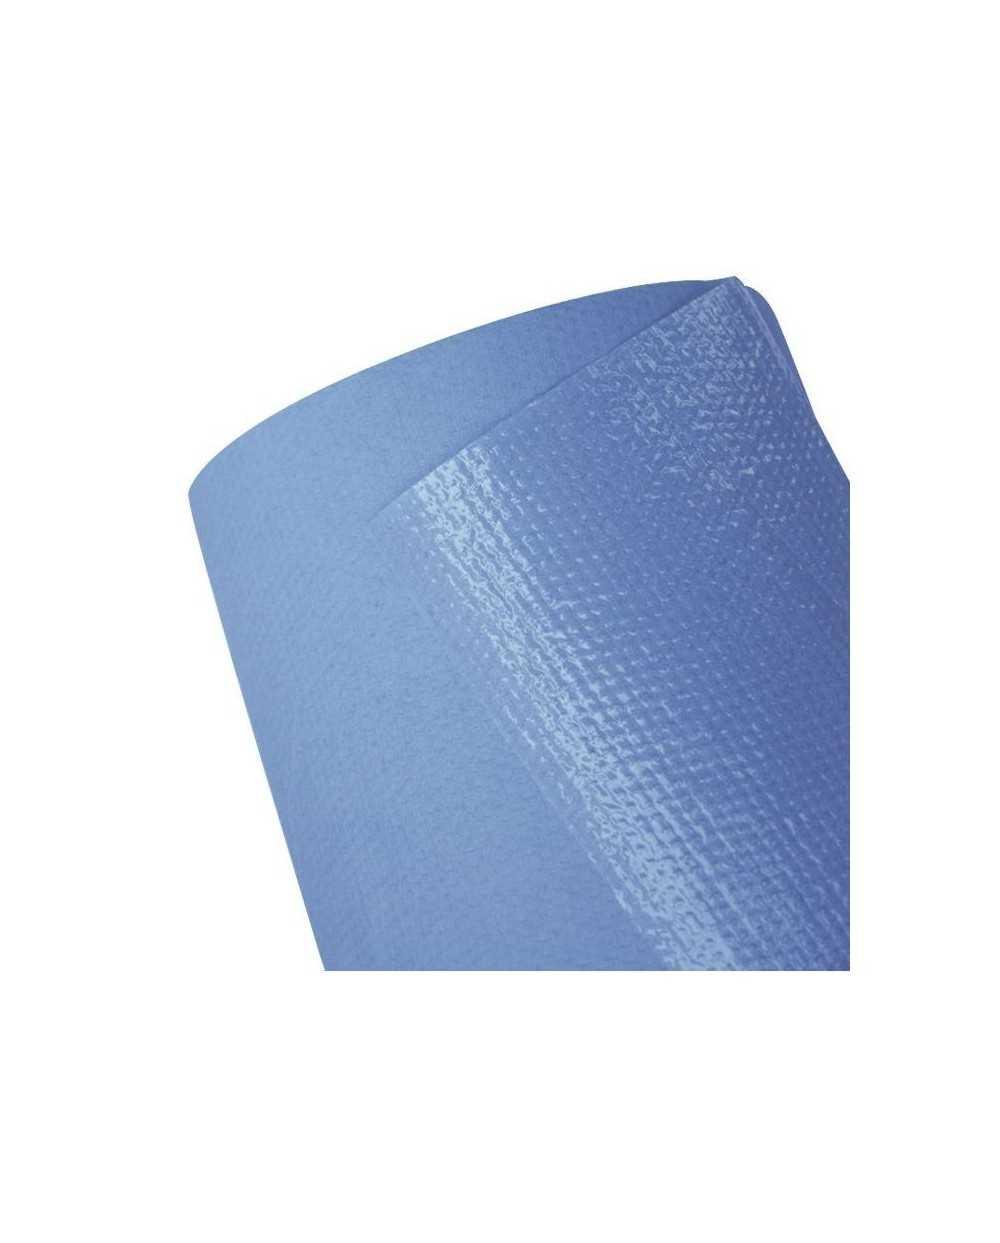 Drap d'examen plastifié bleu - largeur 50 cmPar carton de 6 rouleaux.